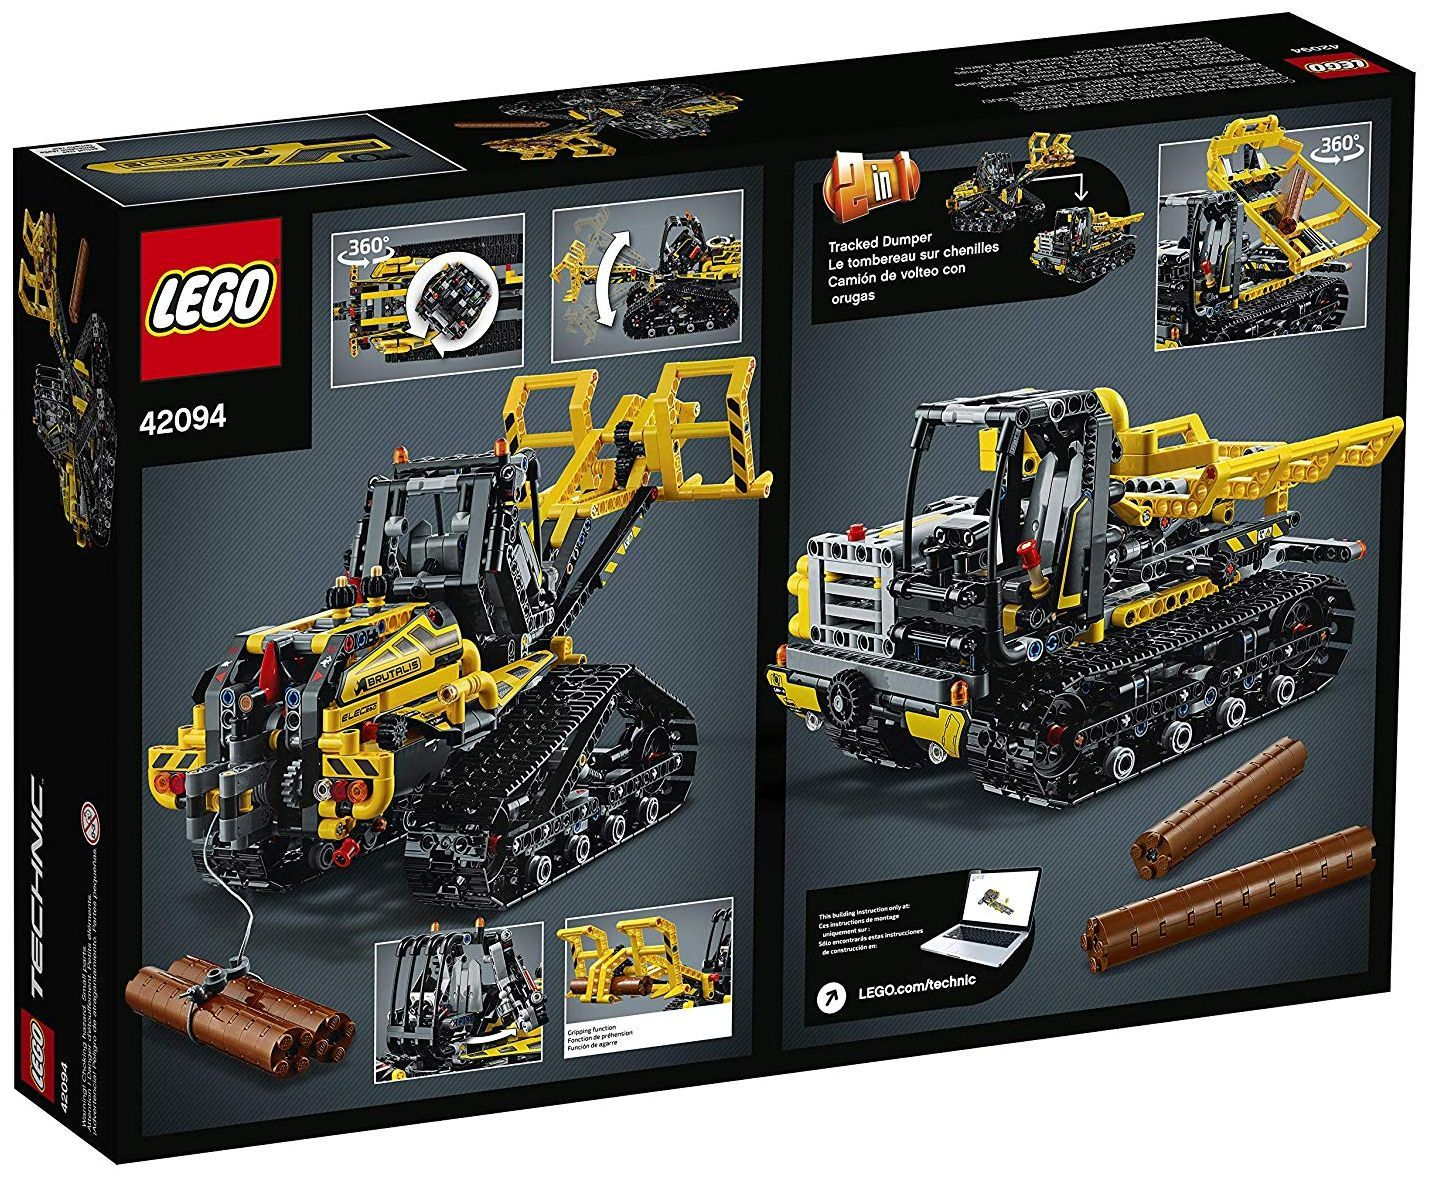 Конструктор Lego Technic - Верижен товарач (42094) - 12